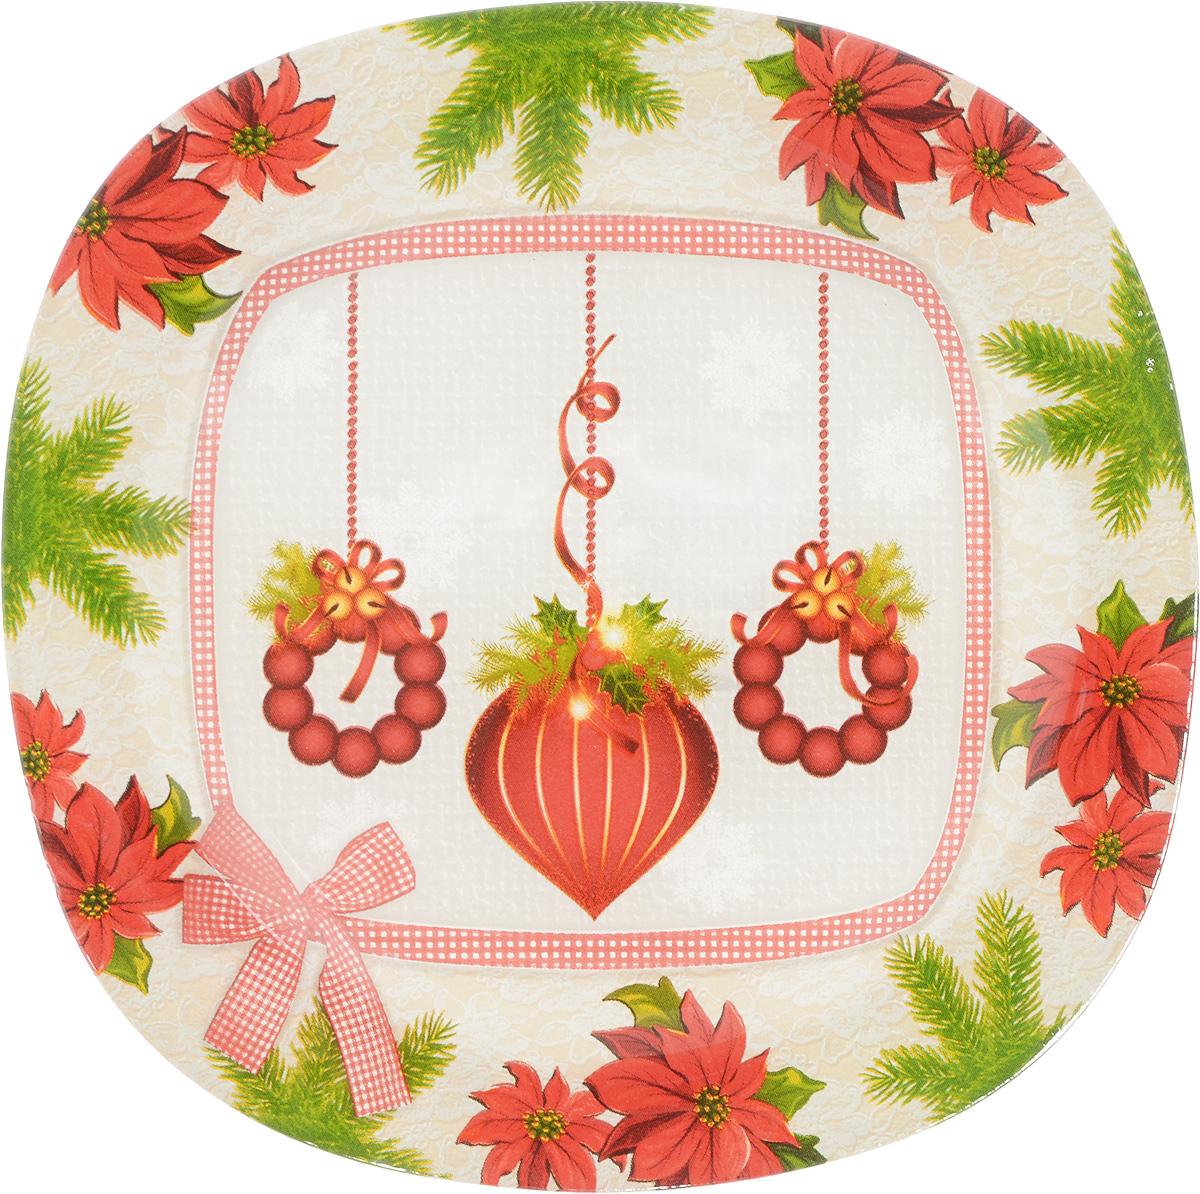 Тарелка Family & Friends, цвет: белый, красный, зеленый, 20 х 20 см216163.._белый, красный, зеленыйТарелка Family & Friends изготовлена из качественного стекла. Изделие декорировано красивым рисунком. Такая тарелка отлично подойдет в качестве блюда для сервировки закусок и нарезок, ее также можно использовать как обеденную. Тарелка Family & Friends будет потрясающе смотреться на новогоднем столе. Яркий запоминающийся дизайн и качество исполнения сделают ее отличным новогодним подарком. Размер: 20 х 20Не рекомендуется использовать в микроволновой печи и мыть в посудомоечной машине.